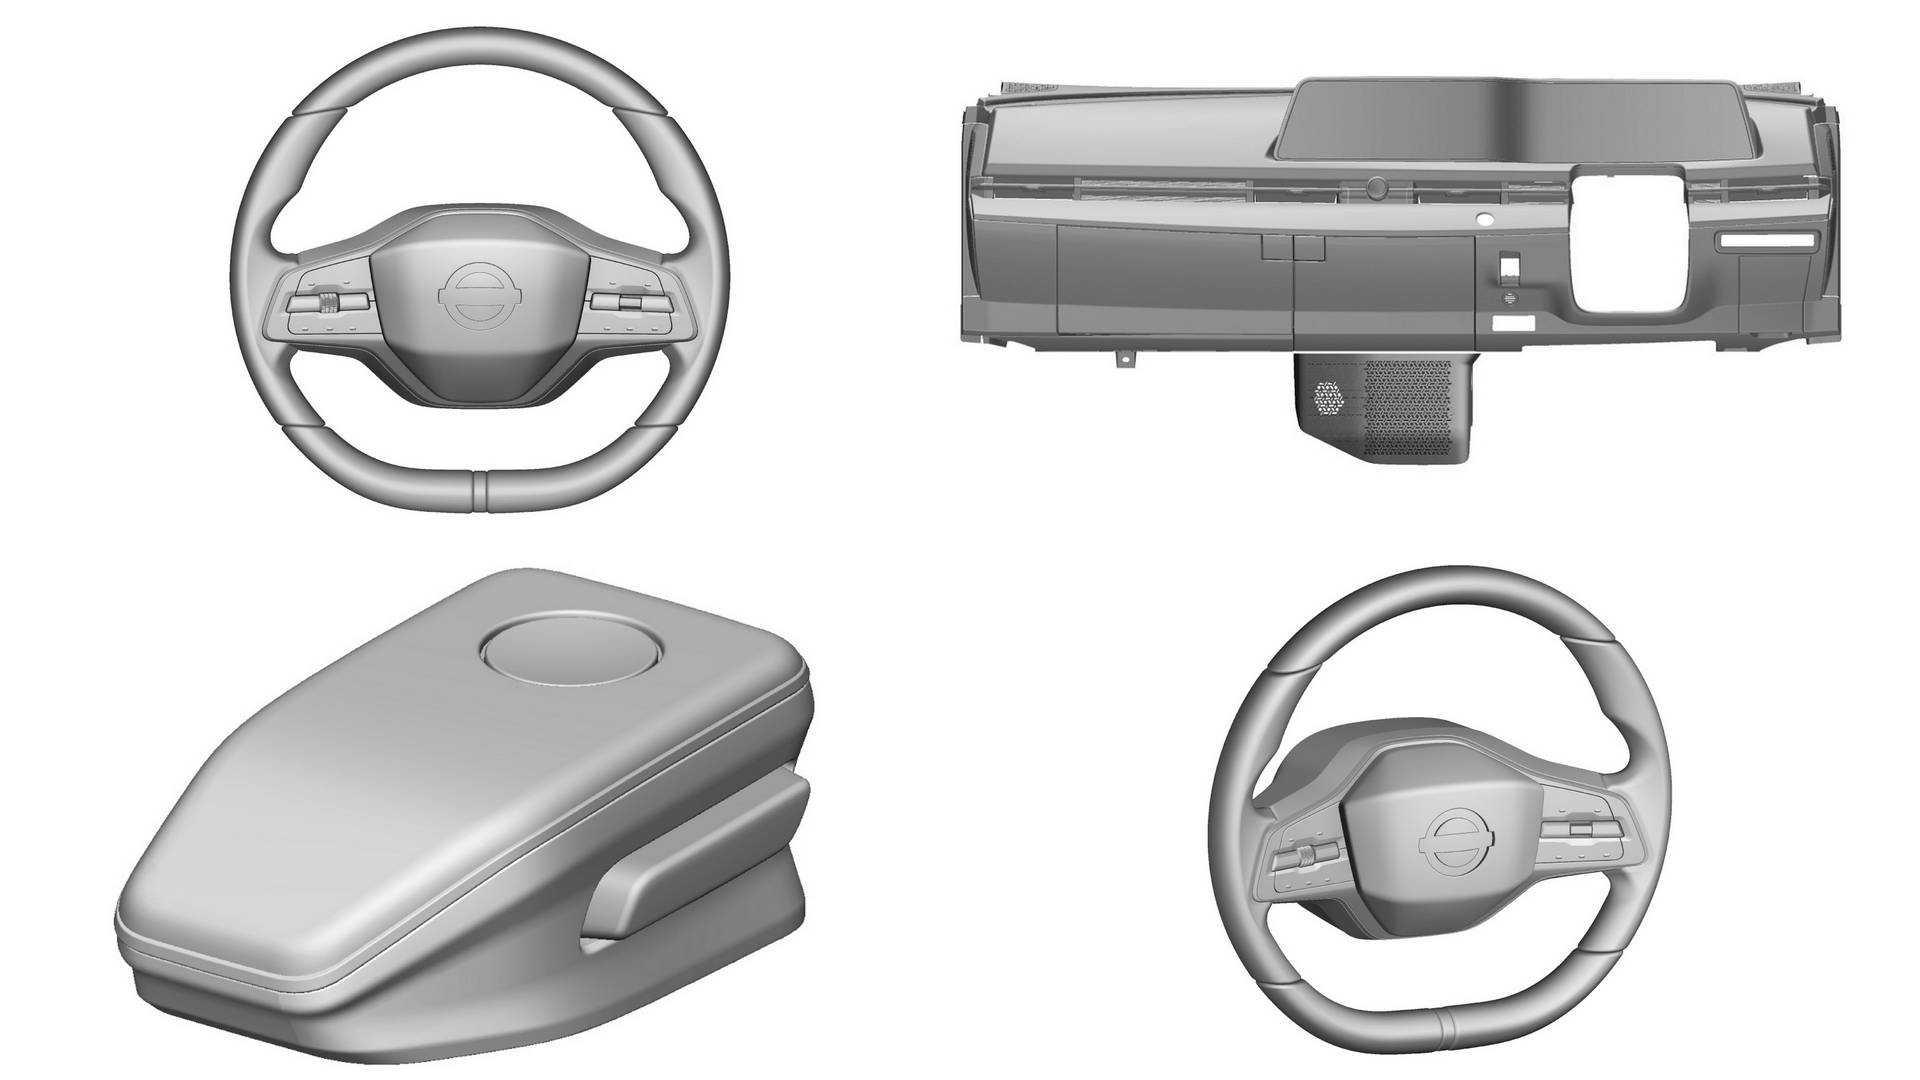 Детали интерьера Nissan Ariya представлены европейскими патентными изображениями